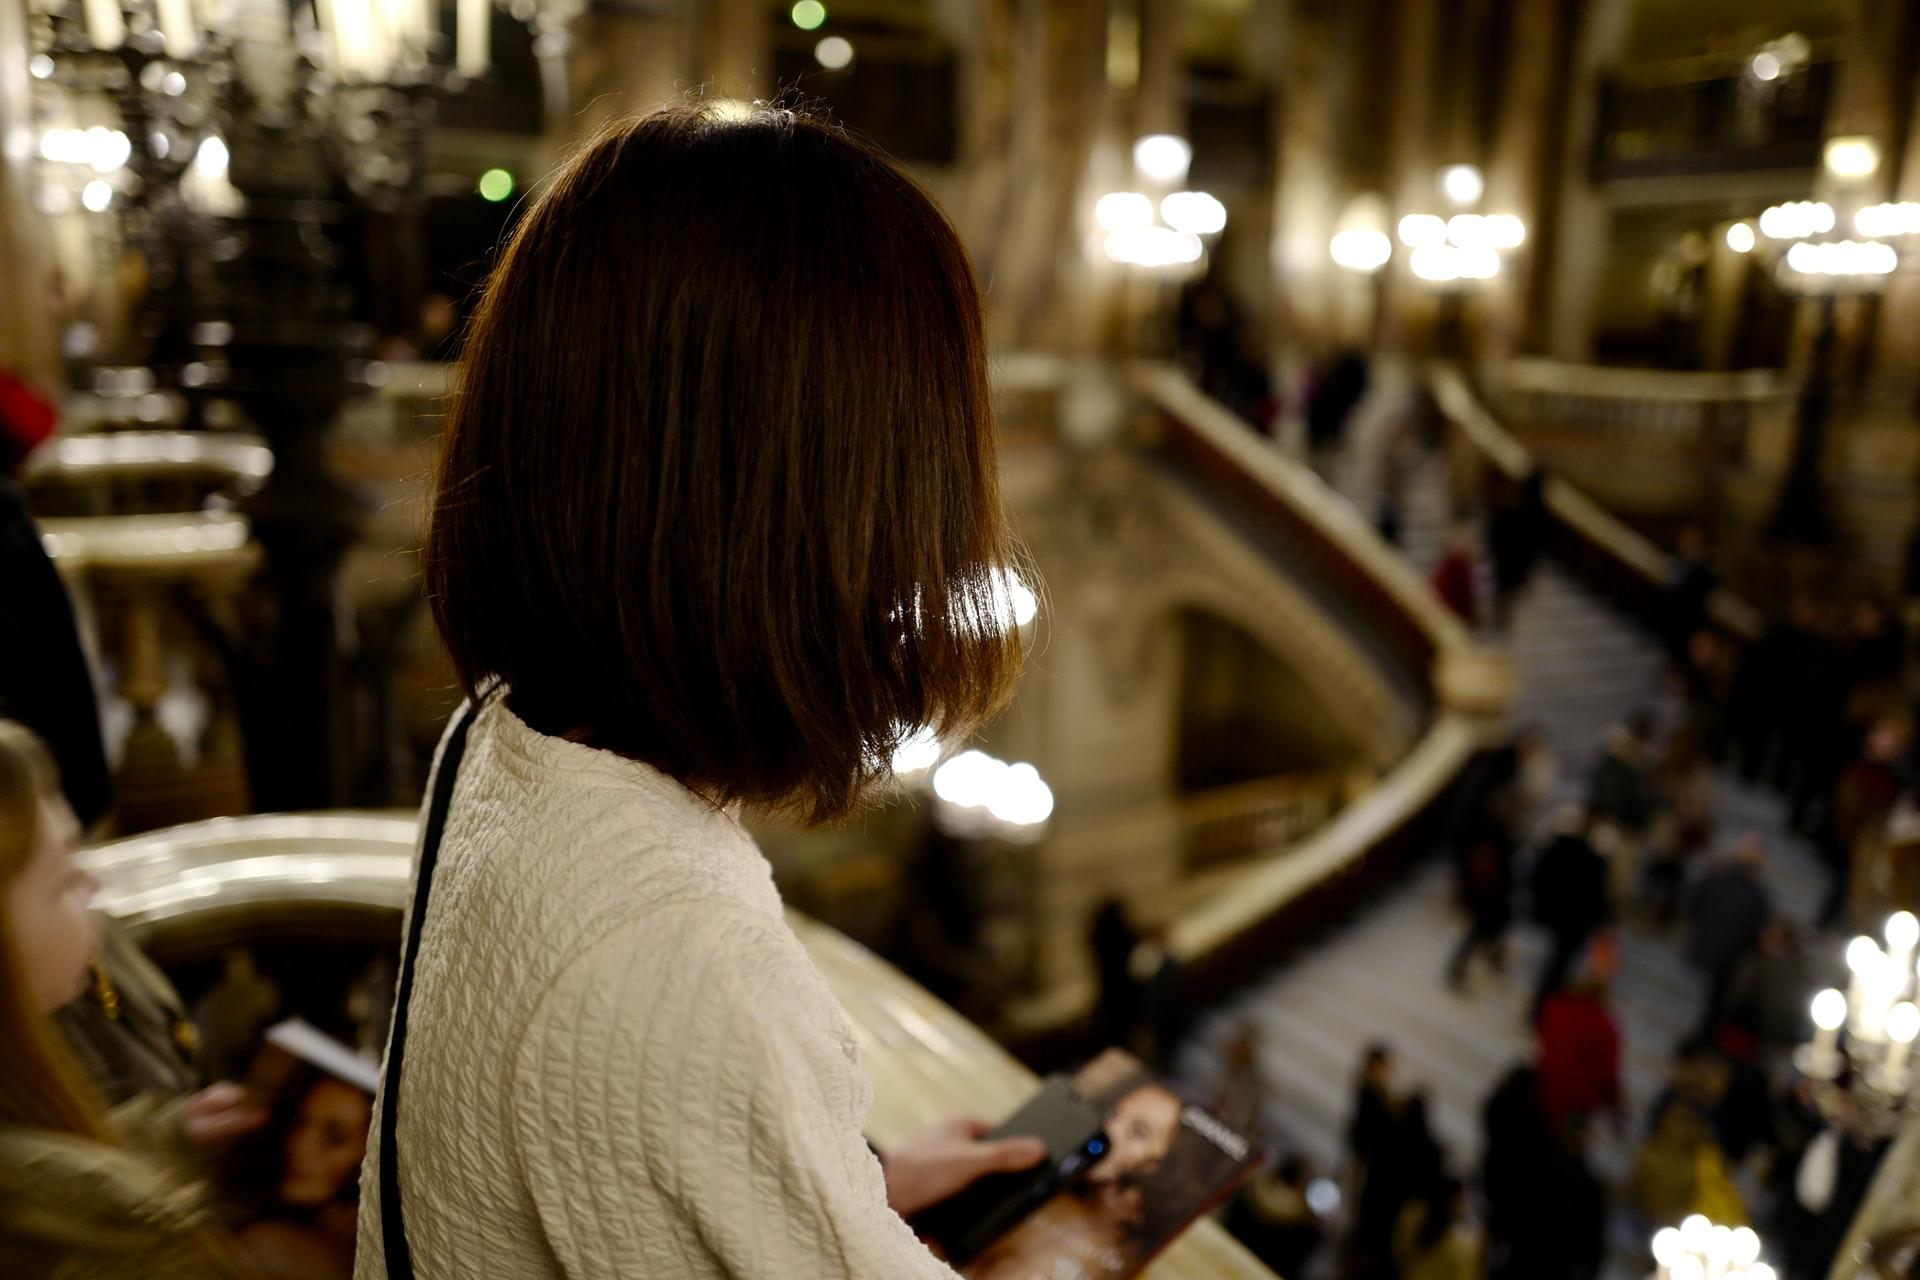 L'Italia riapre tra speranze di vero rilancio economico